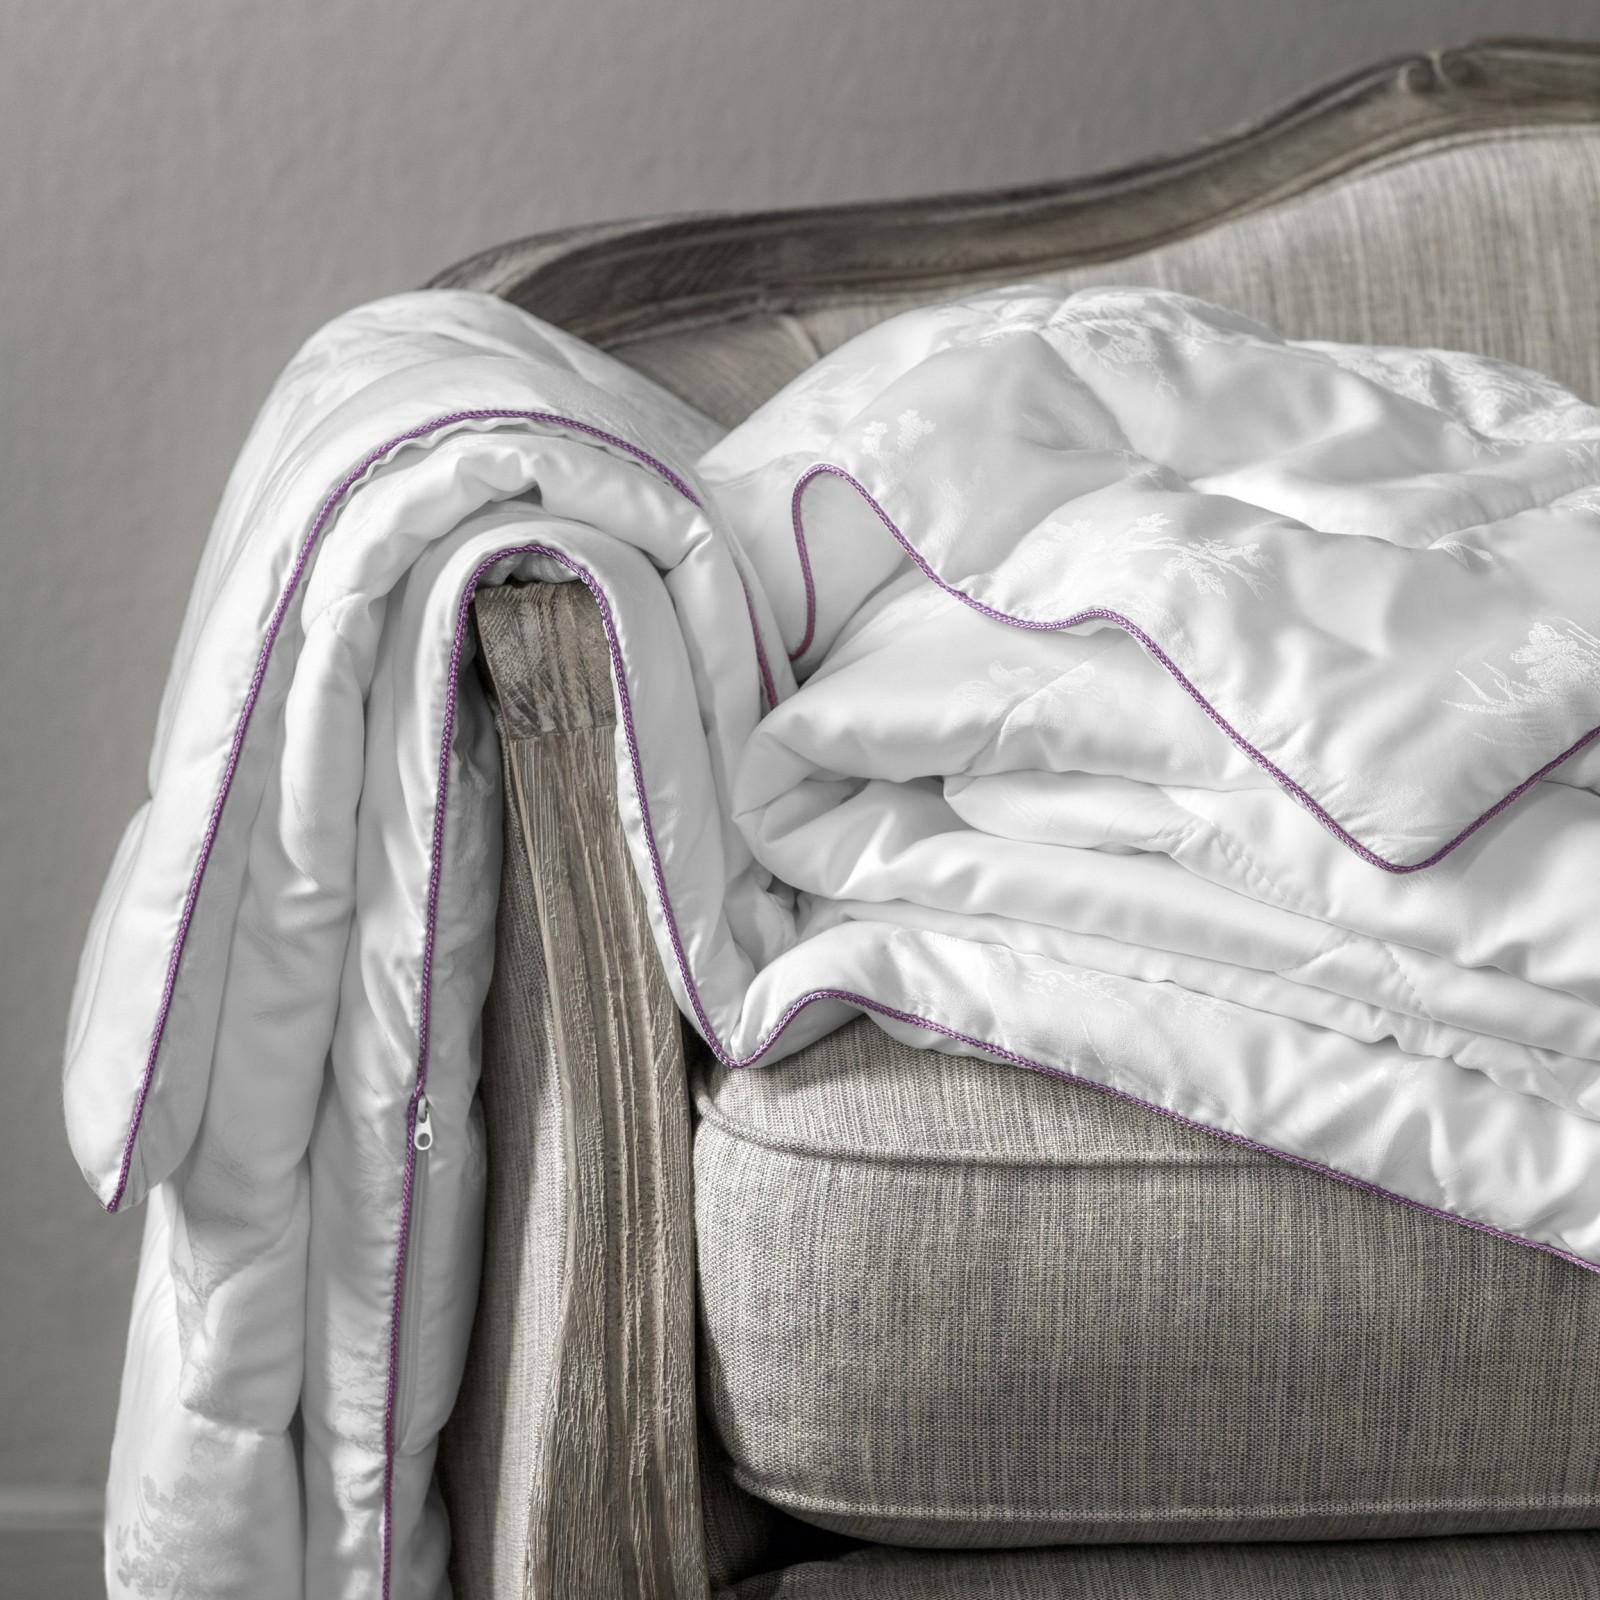 Купить Одеяла Togas, Одеяло Милк Дримс (220х240 см), Греция, Белый, Модаловый жаккард